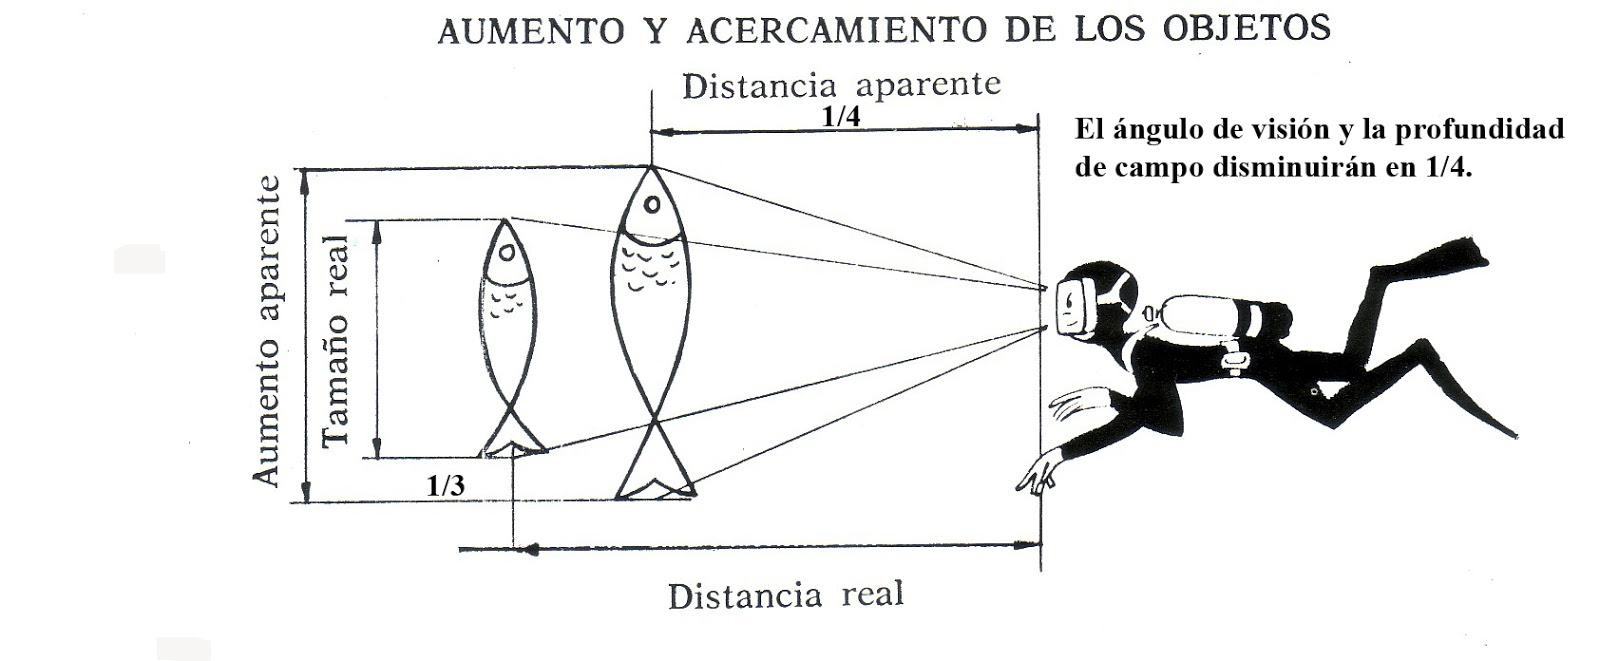 6e9d68d3f8 ... y el agua facilitando la visión. Además de cubrir los ojos, cubre  también la nariz, para permitir equilibrar la presión de los tímpanos en  inmersión.